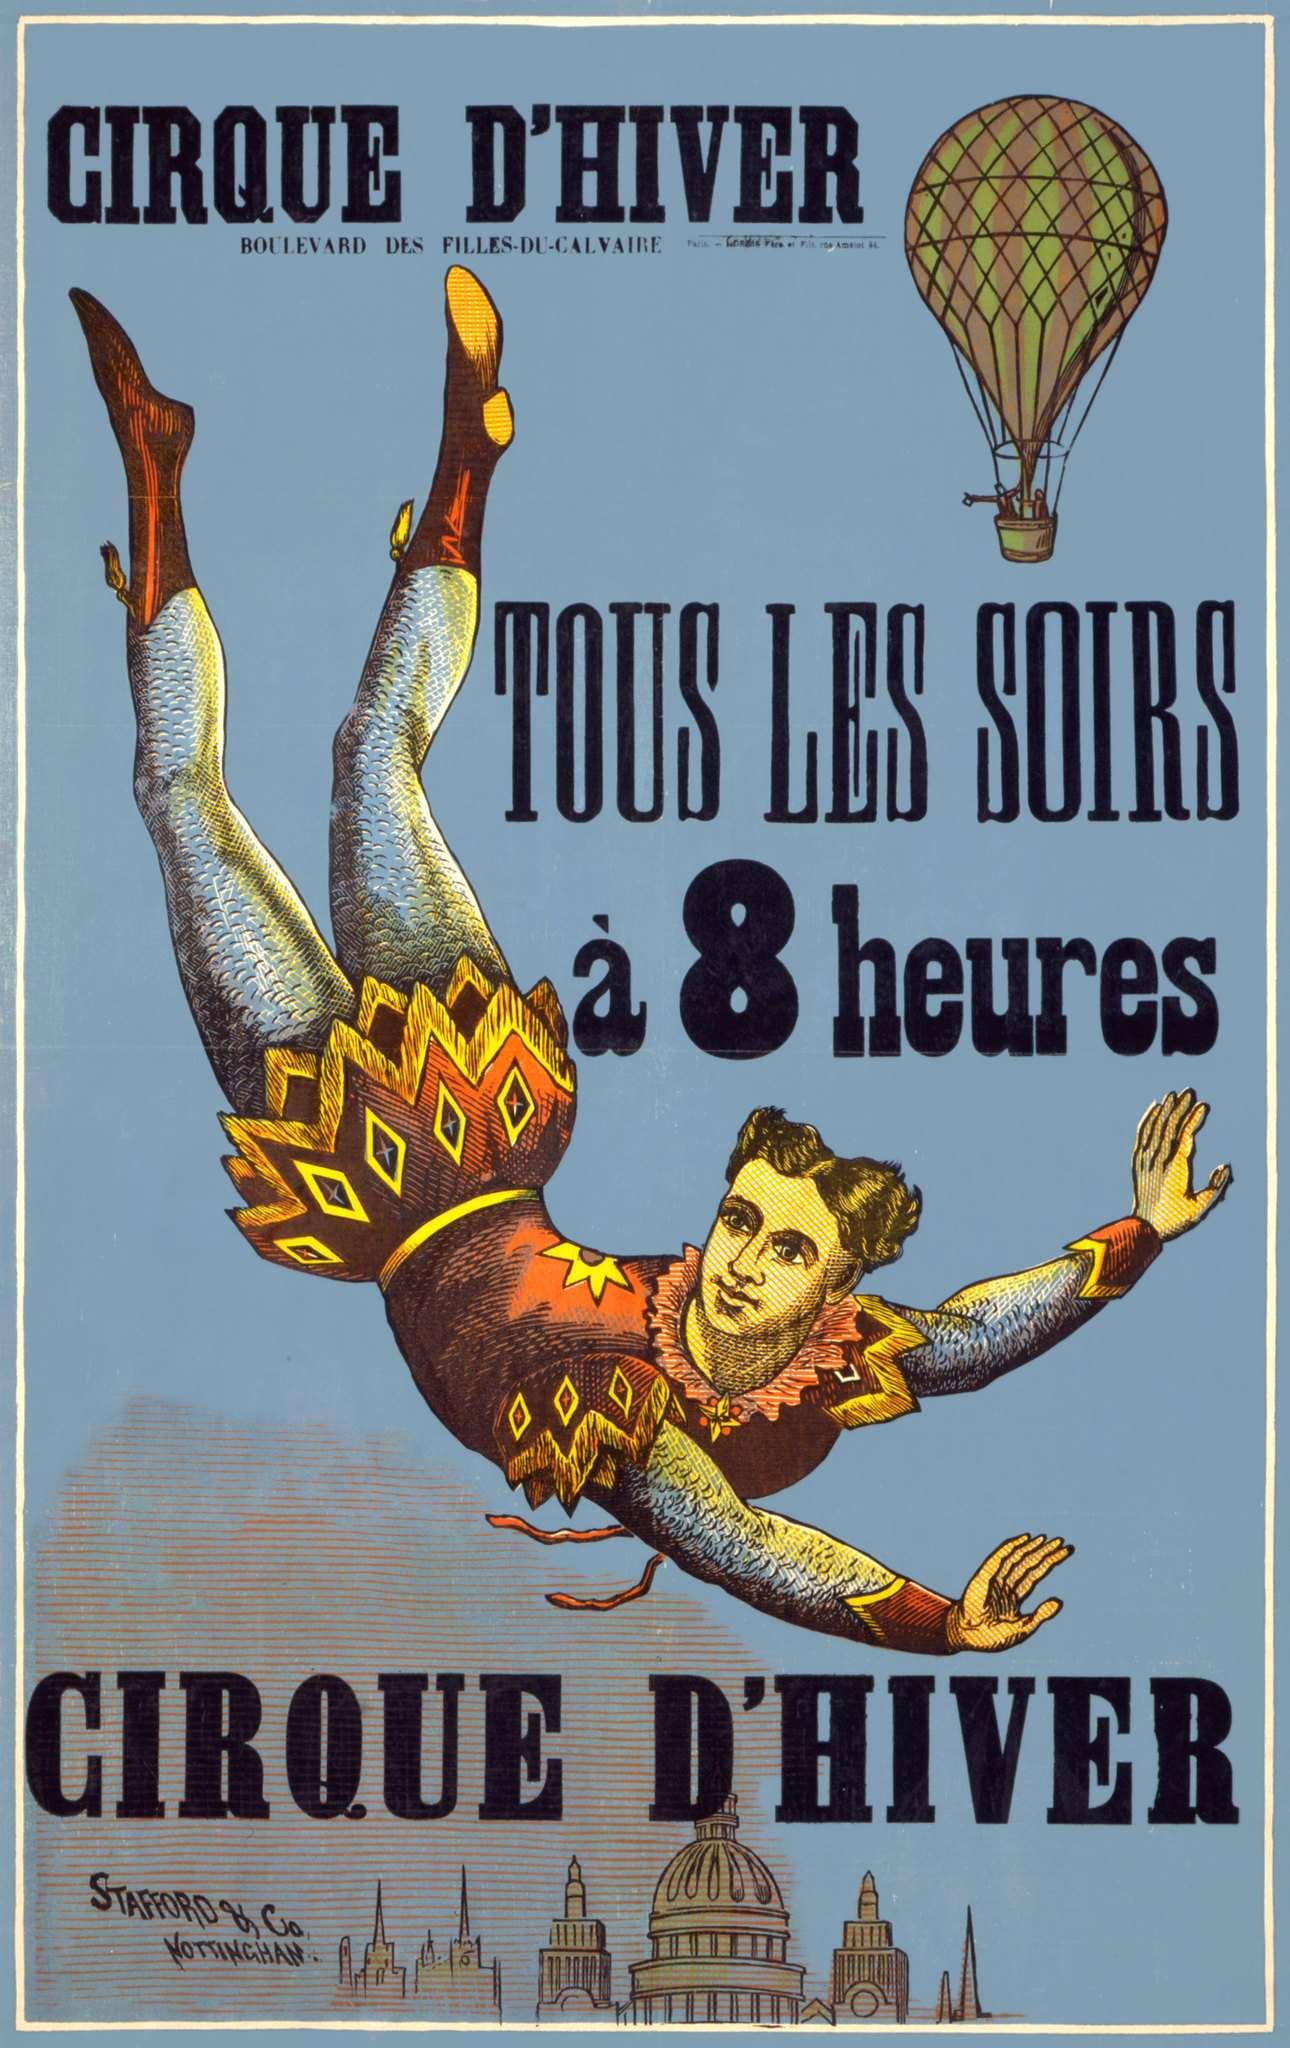 Affiche pour un spectacle du Cirque d'hiver de 1890